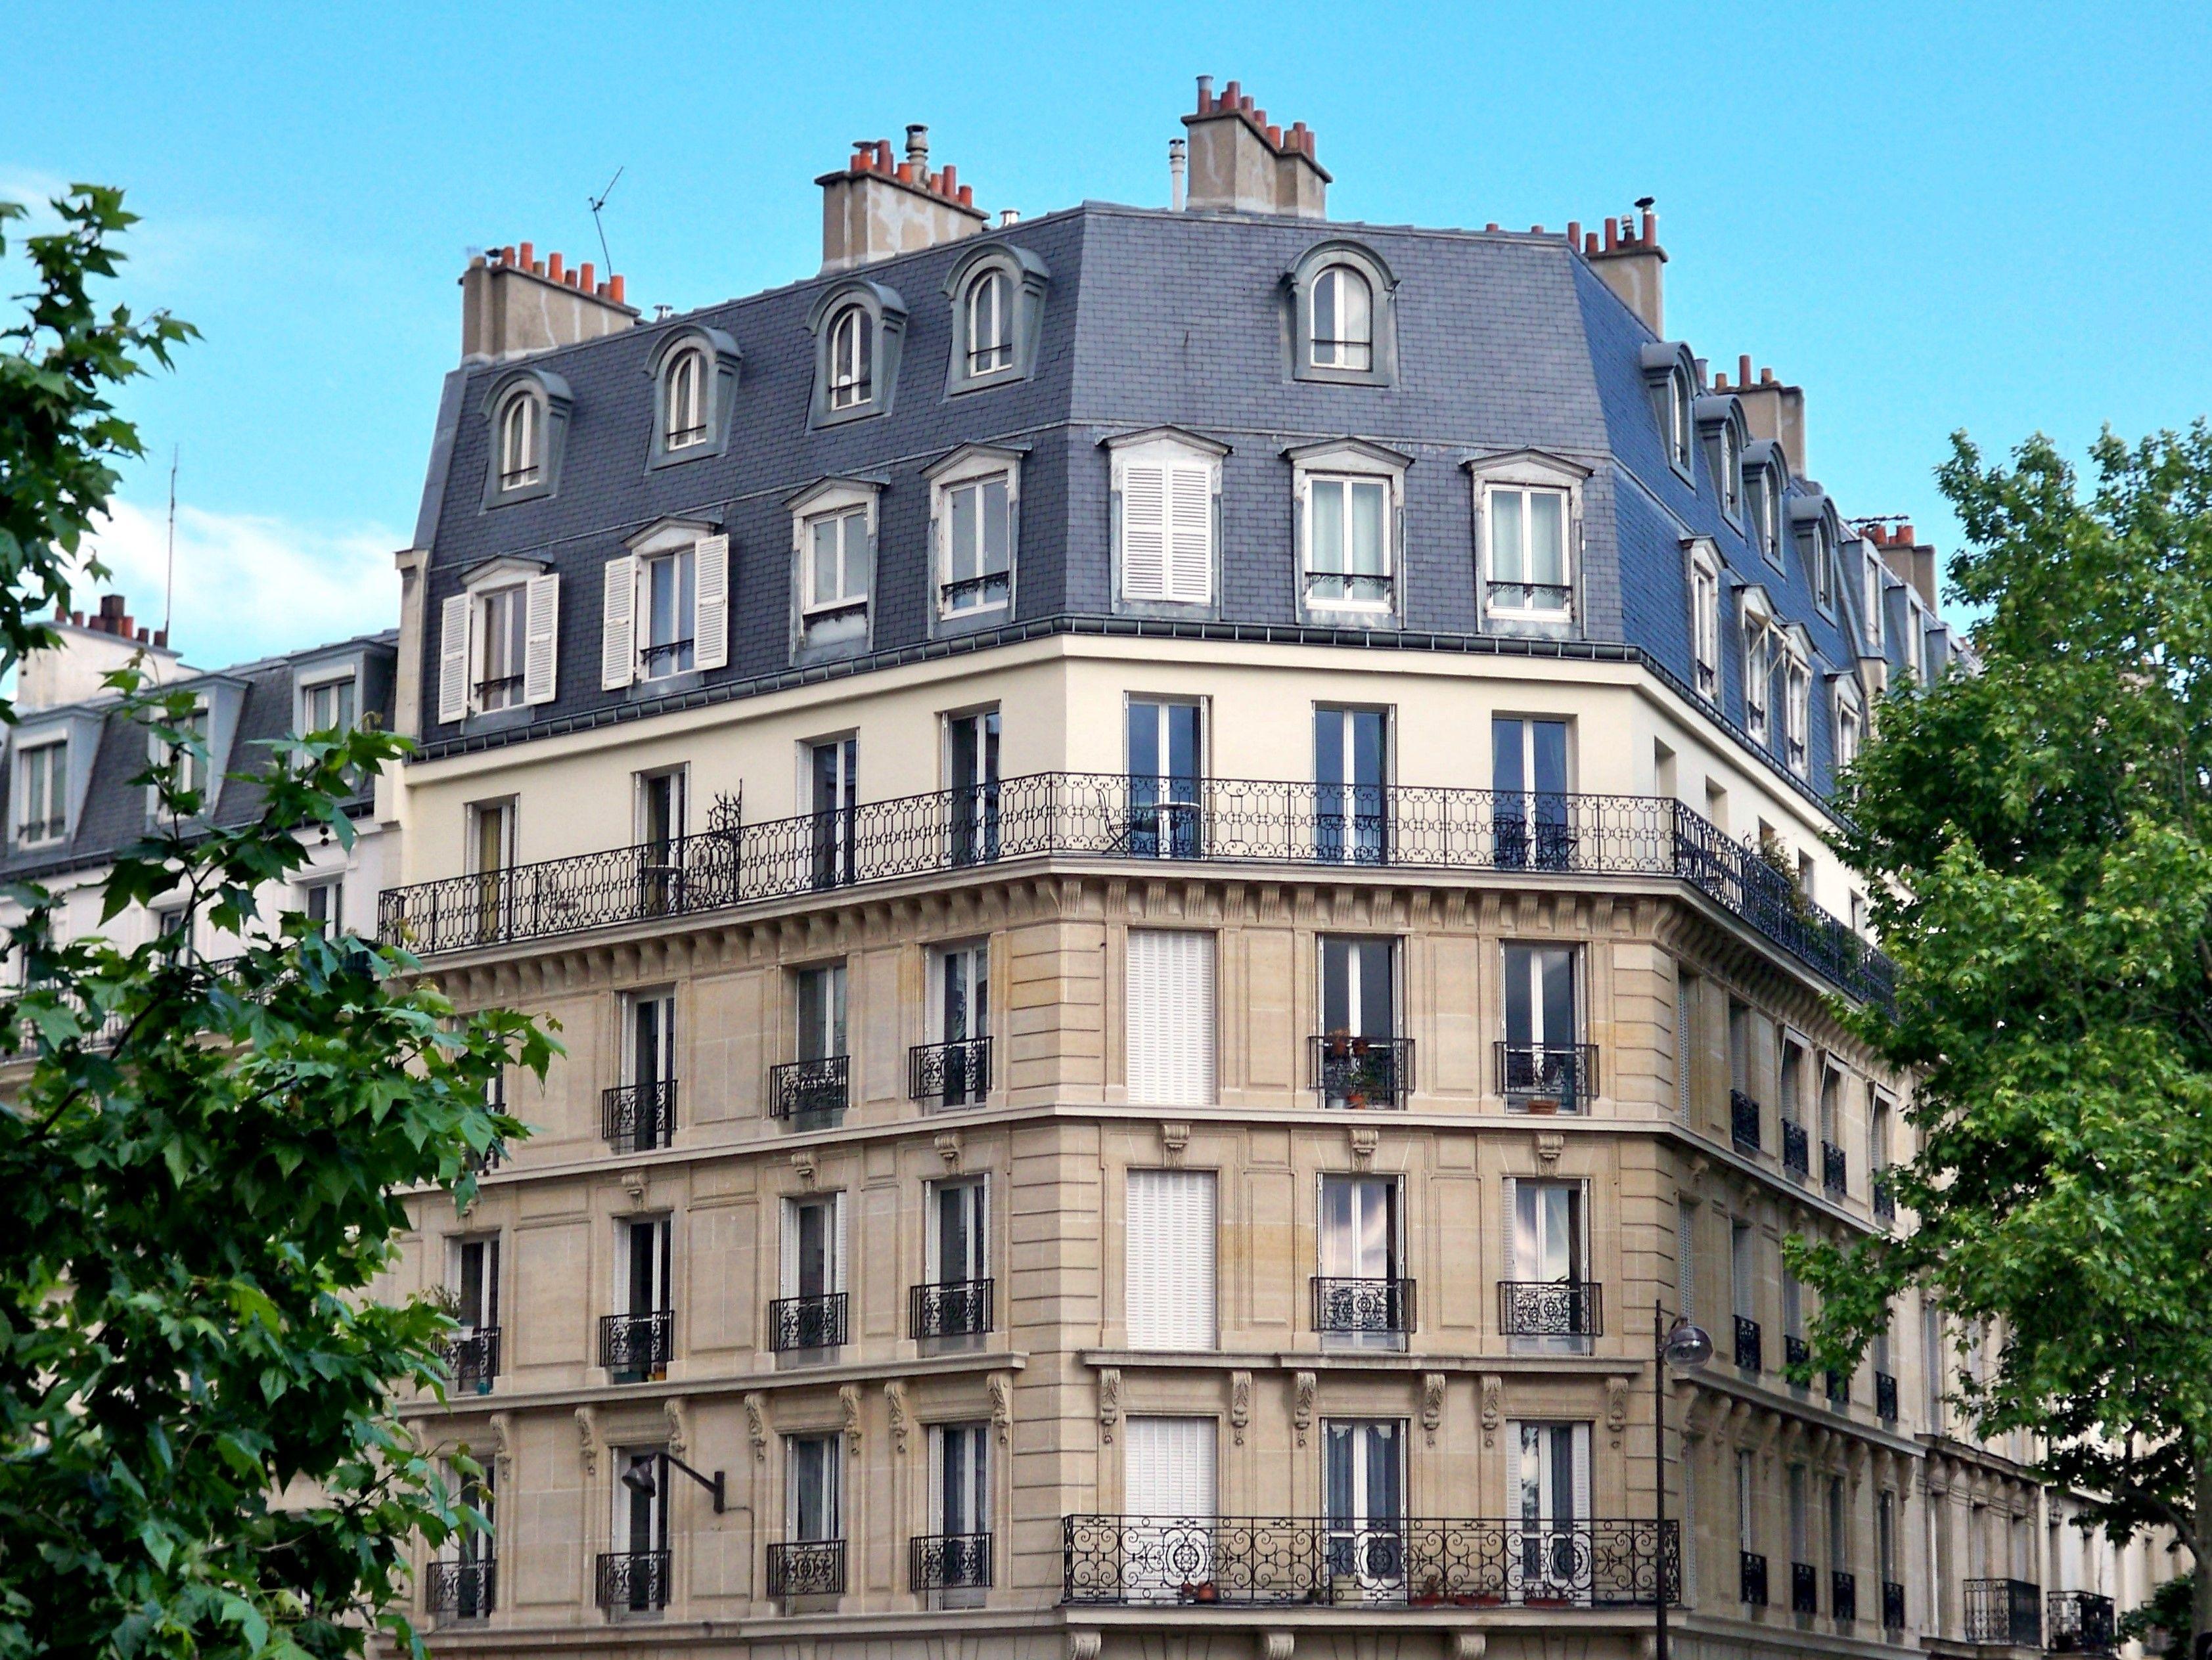 Paris Apartment Building Architecture Google Search